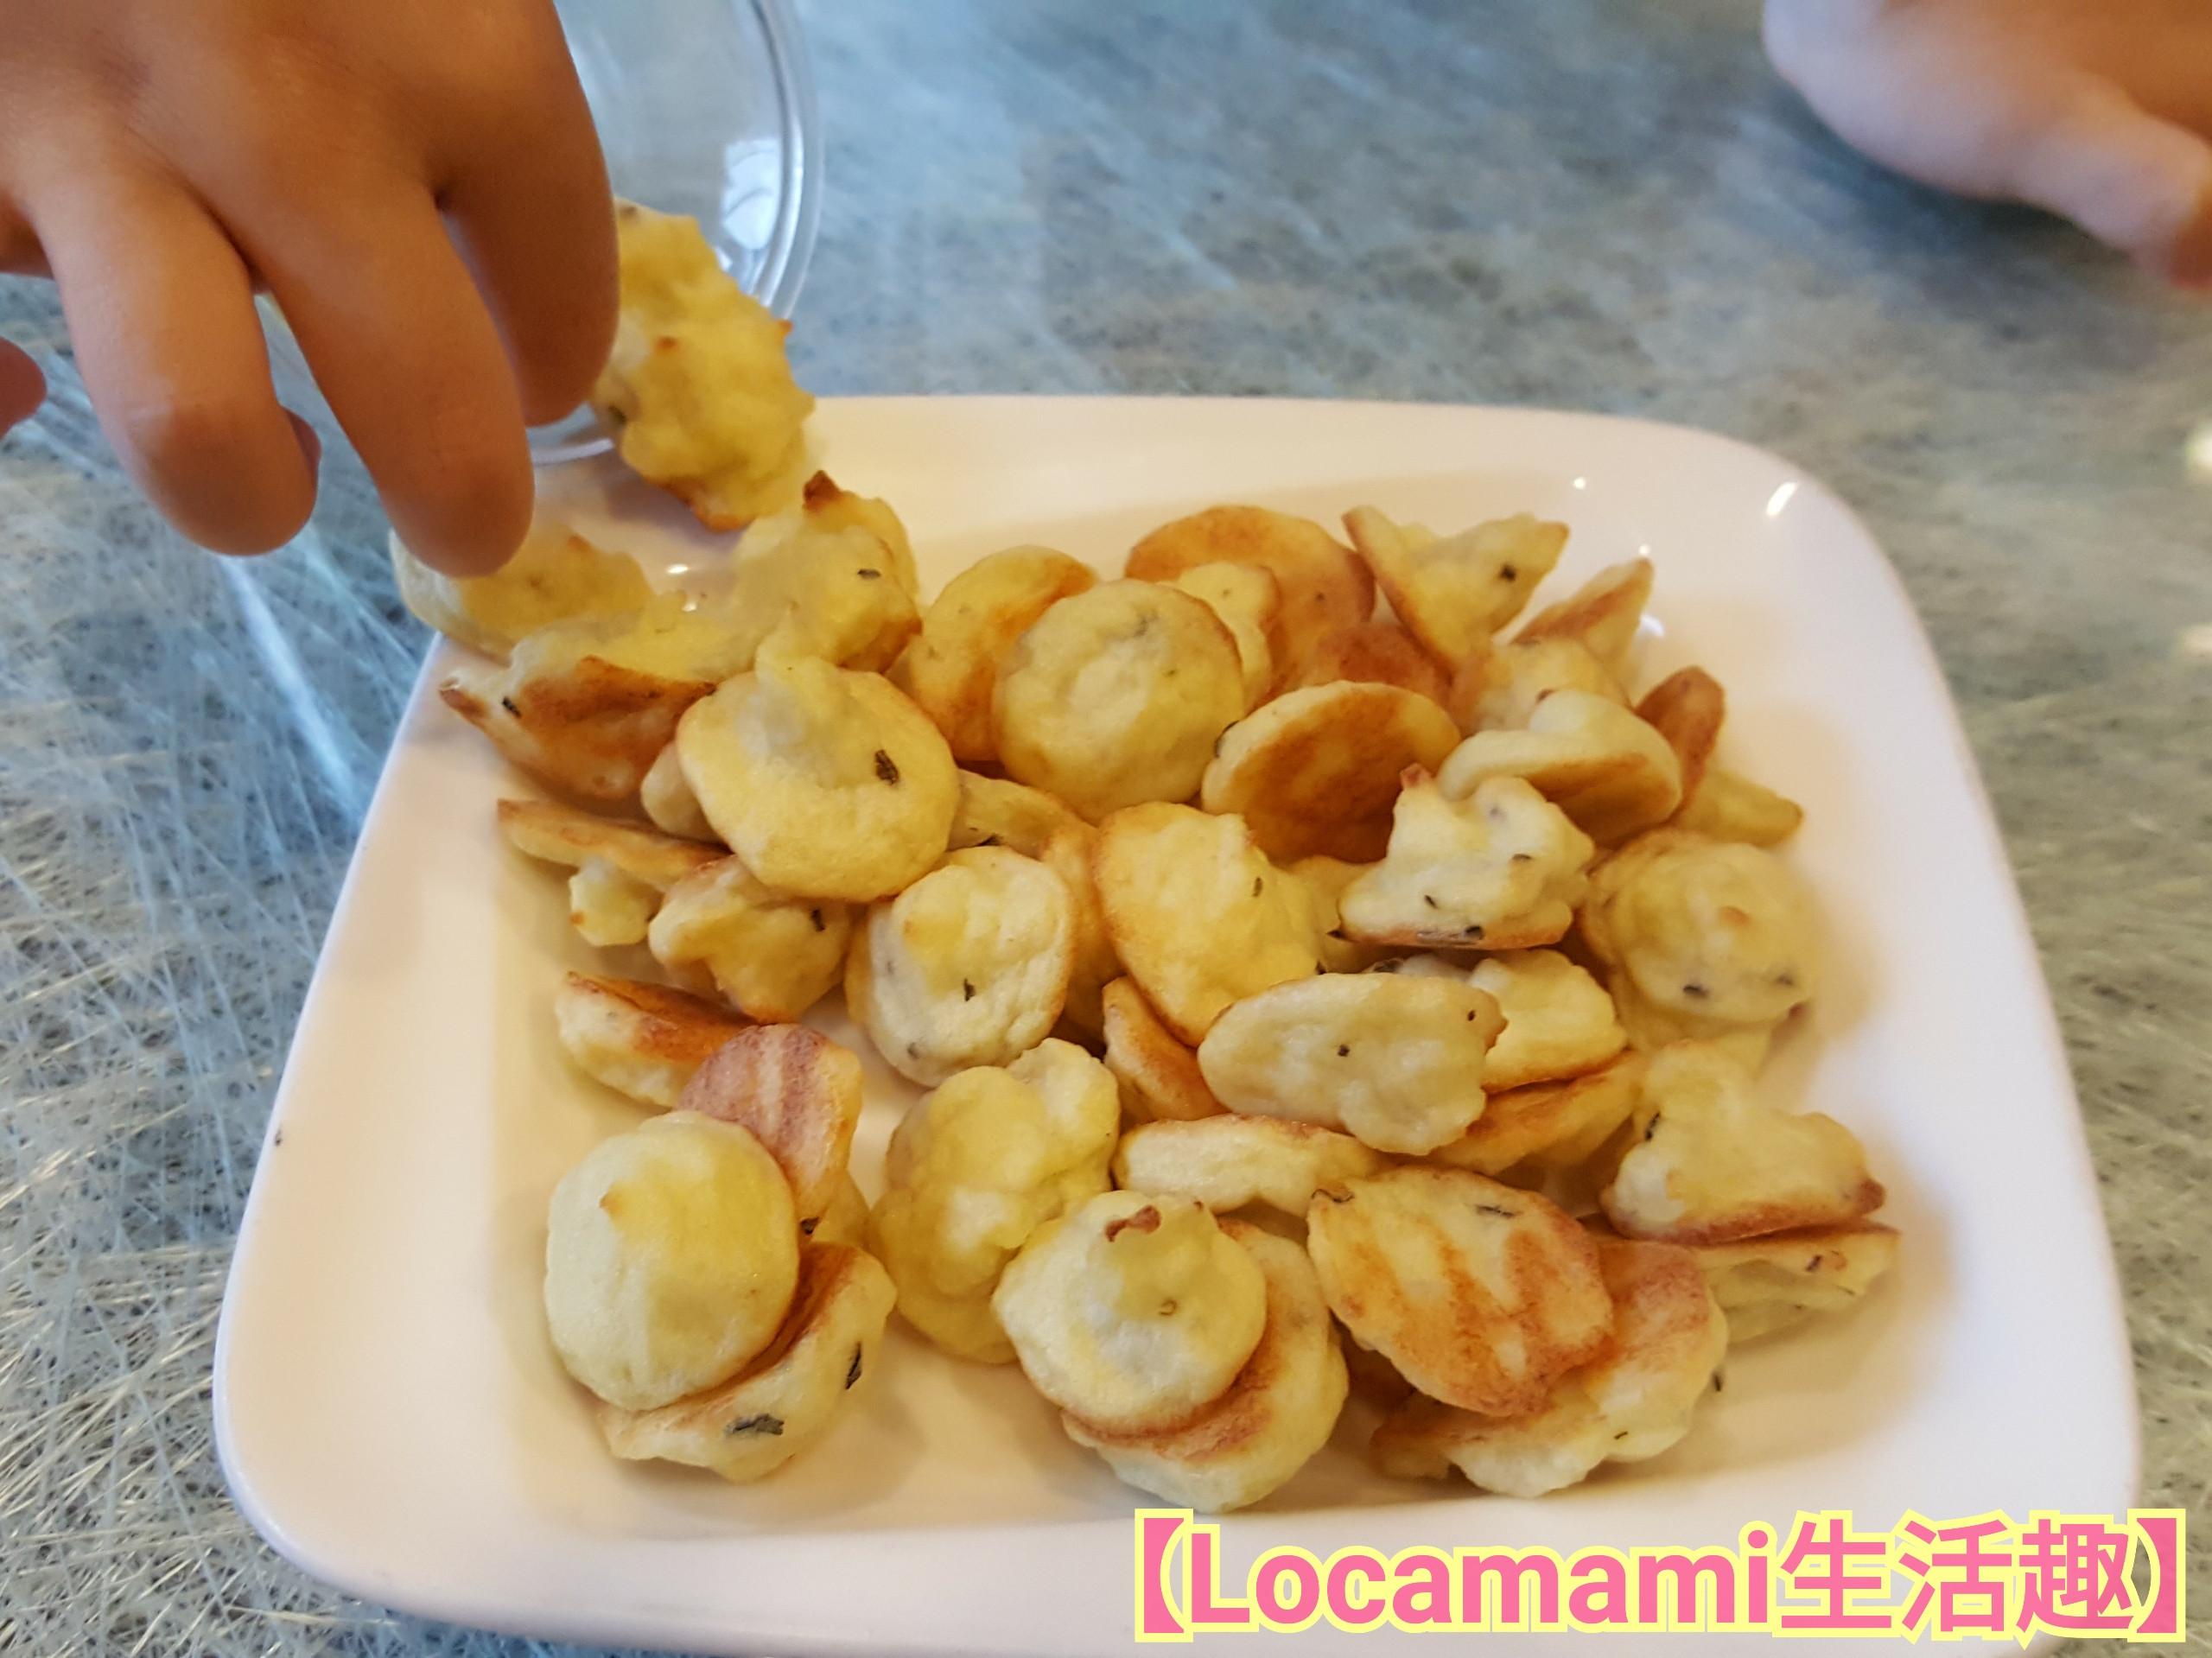 【寶寶食譜】義式香料薯泥餅